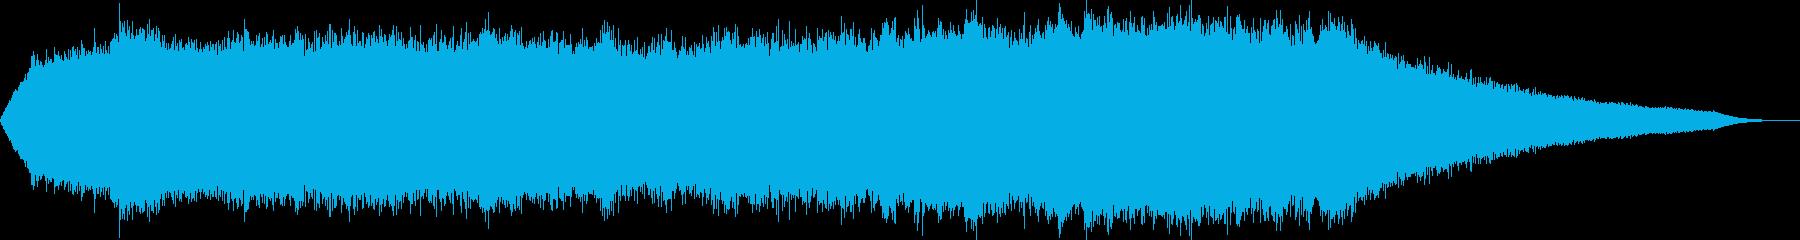 混沌としたヒーリングドローンの再生済みの波形